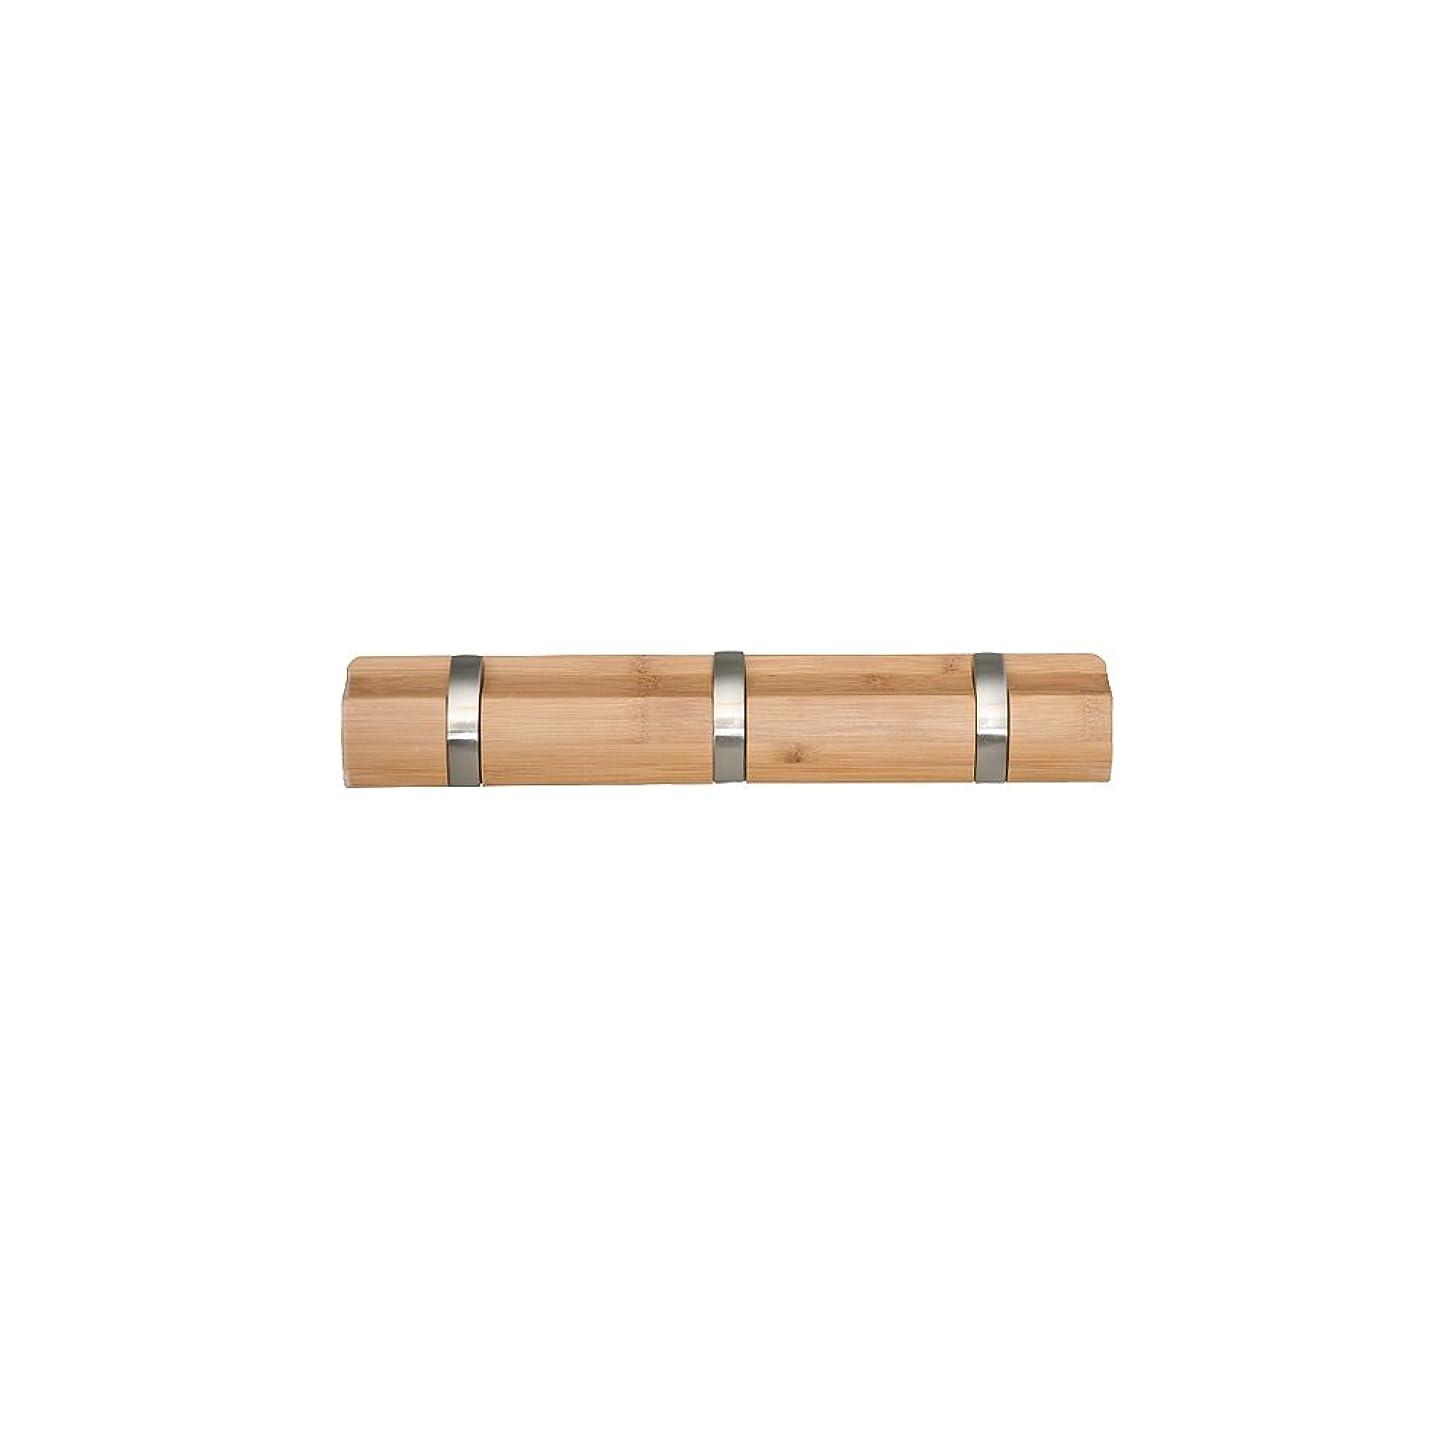 規制する支給納屋ドウシシャ 壁掛けフック ウォールハンガー3連  省スペース  ナチュラル 幅33.5×奥行2.5-5.2×高さ5.8cm W3HOOK-NA